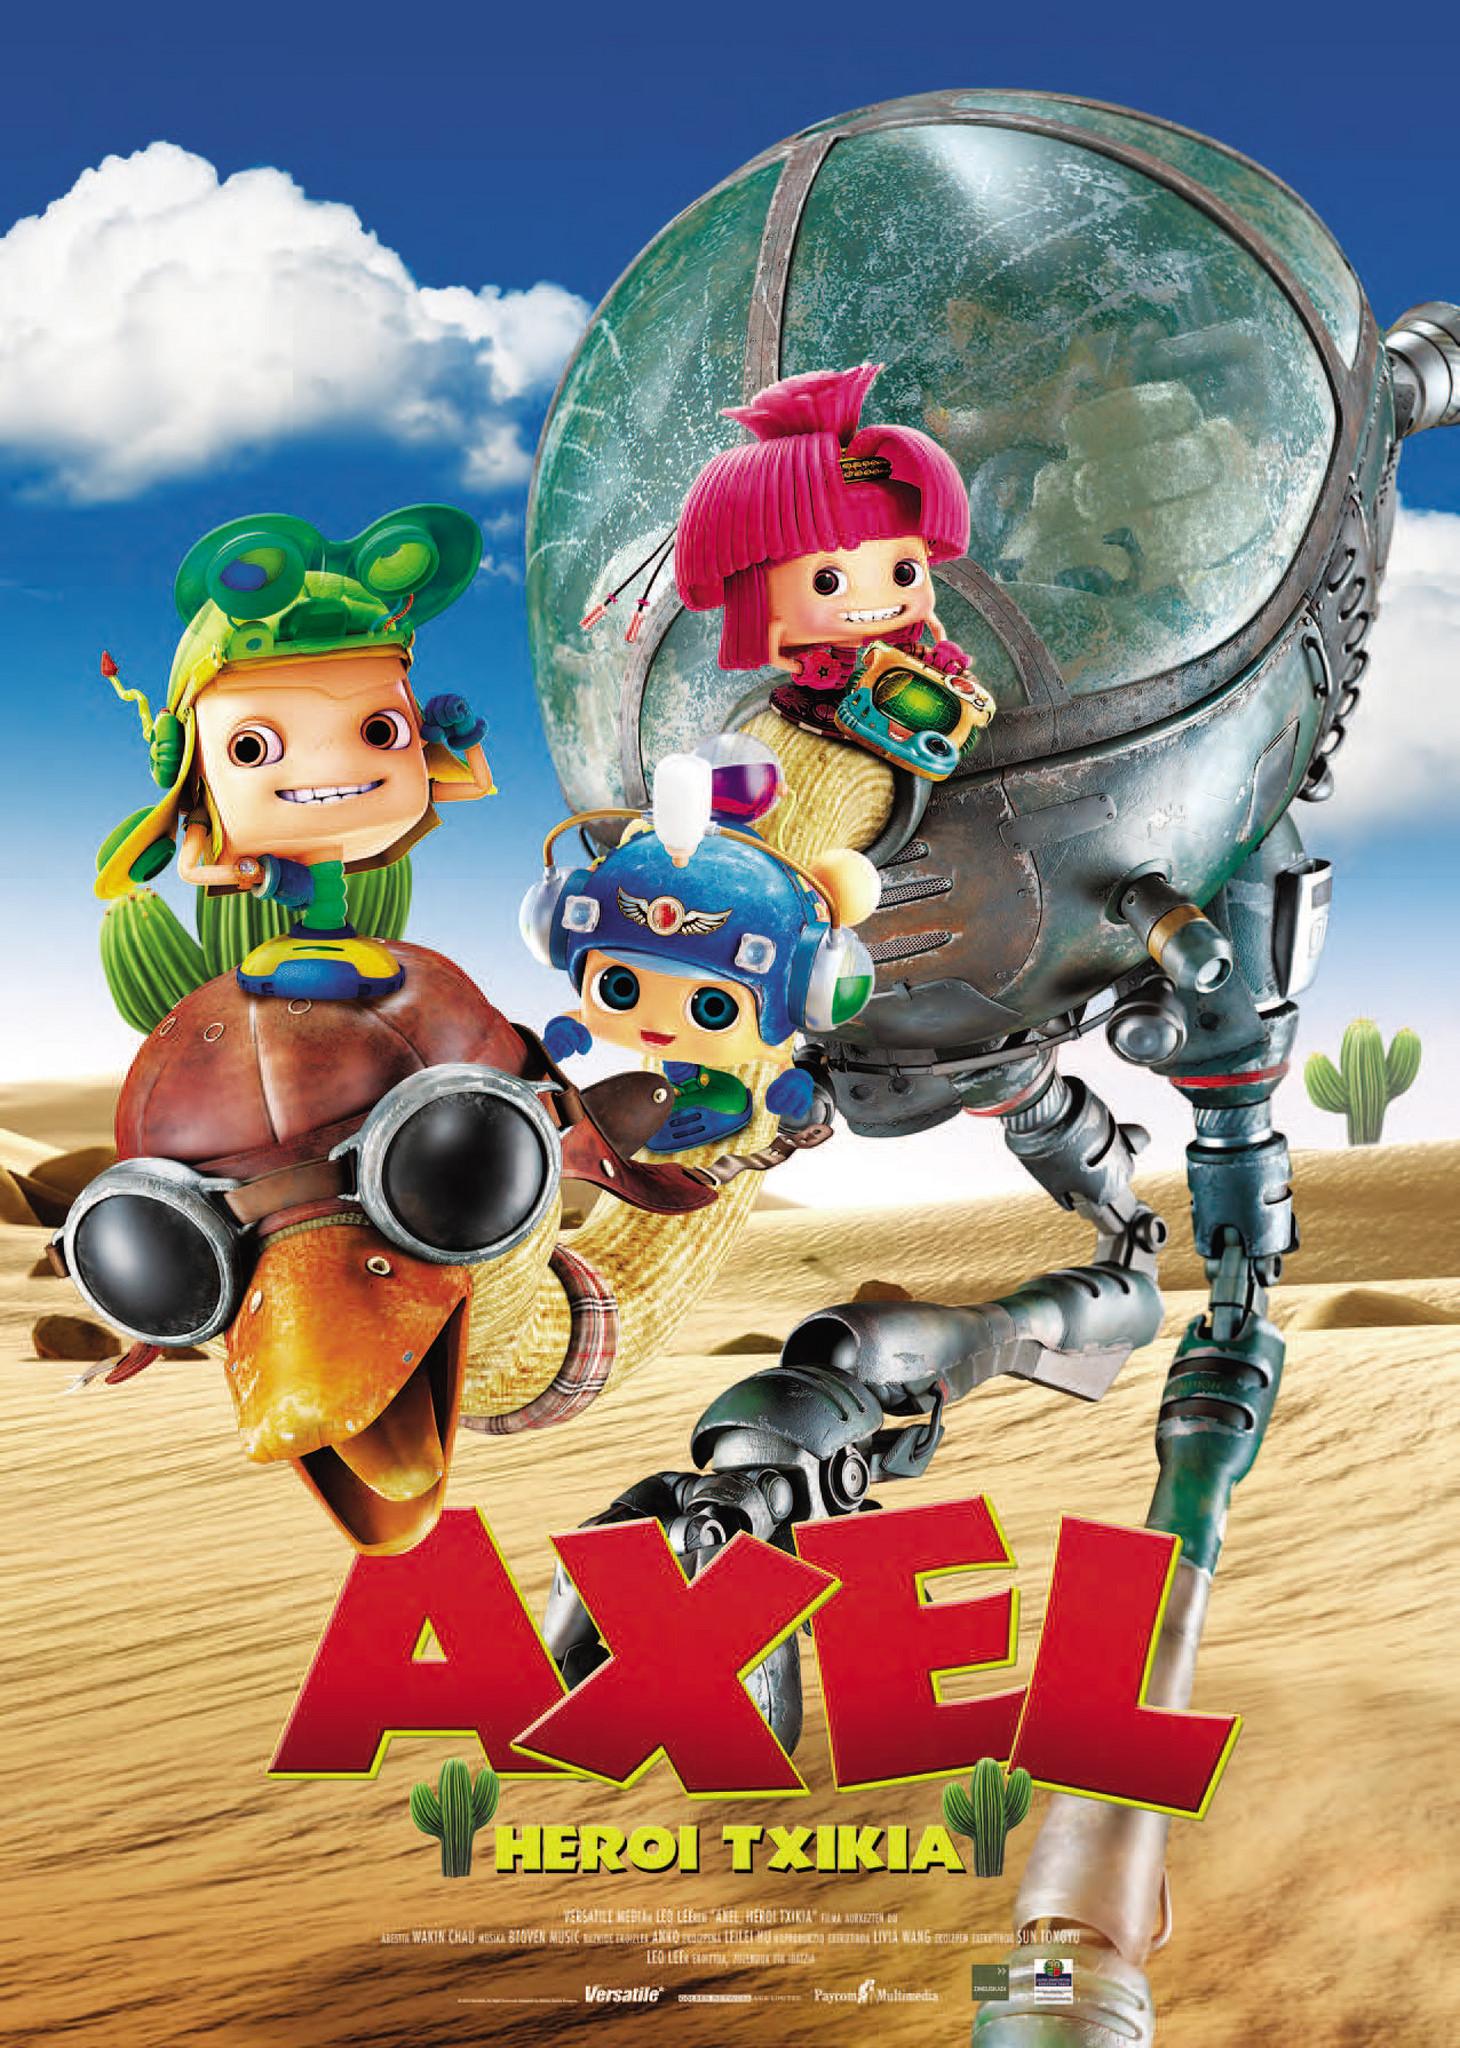 Axel heroi txikia